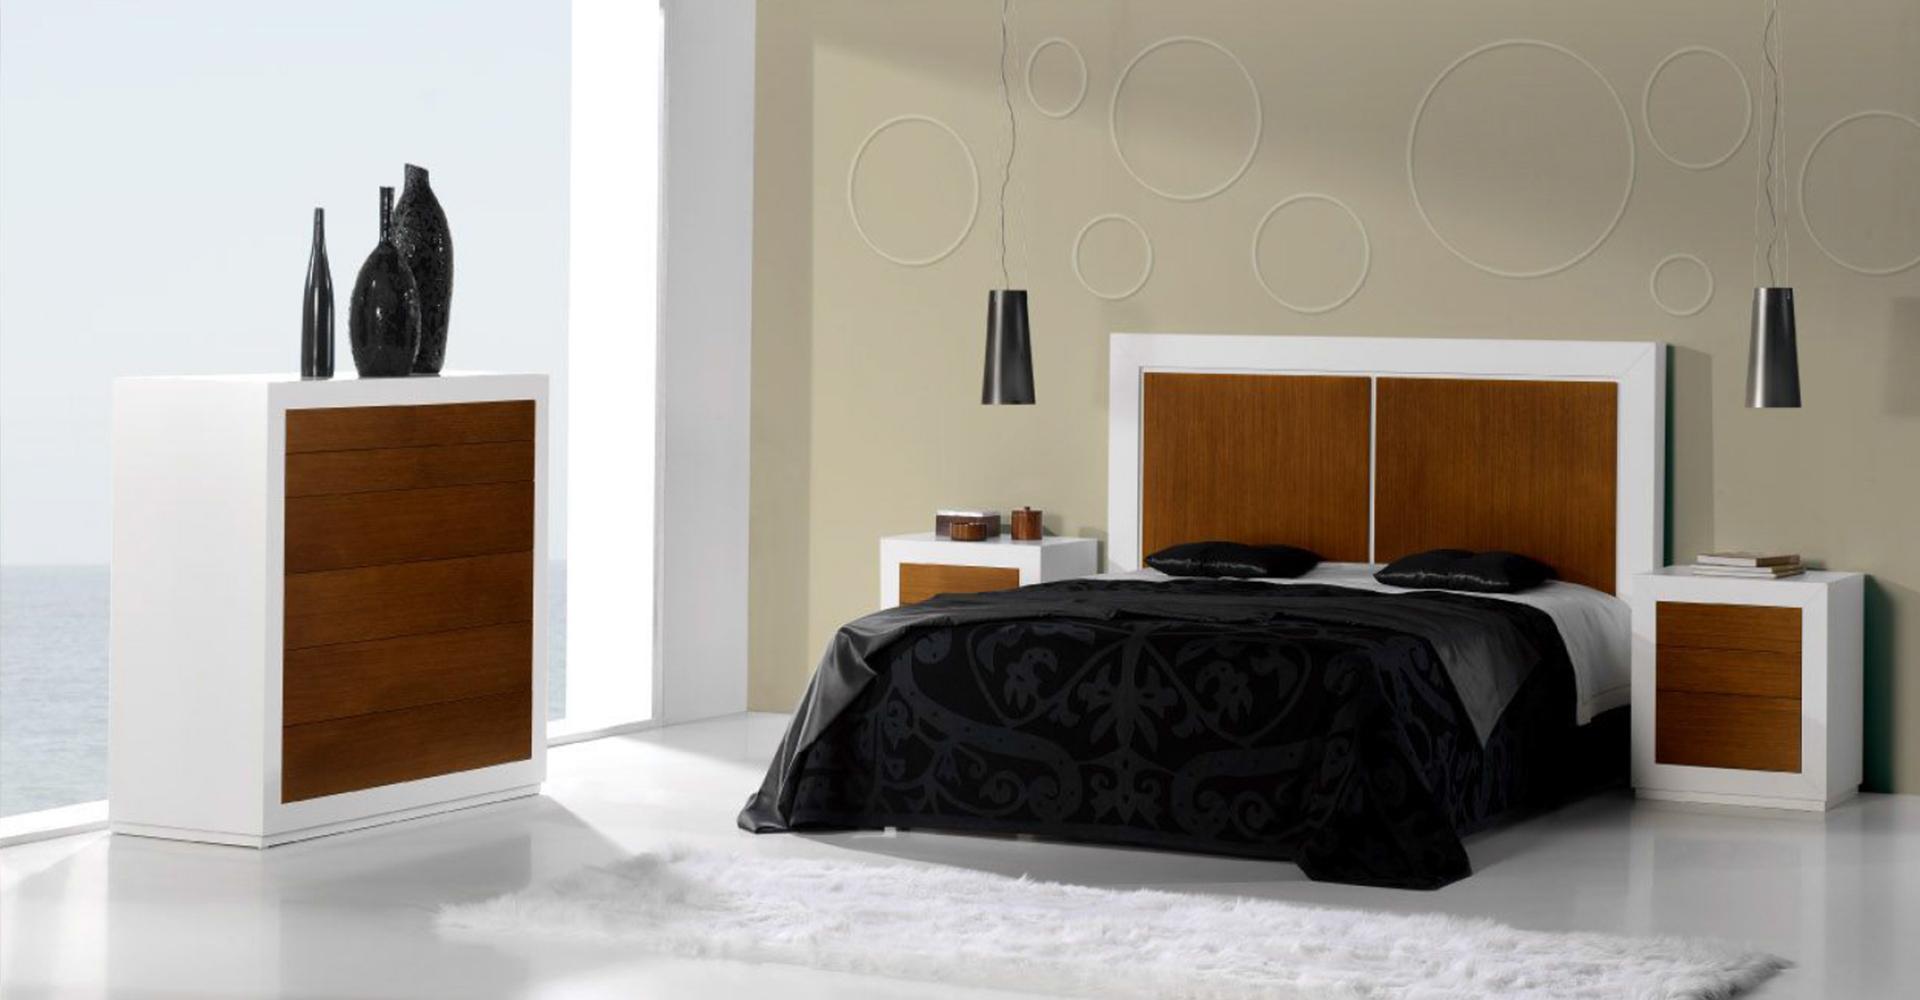 dormitorio de estilo contemporaneo (68)